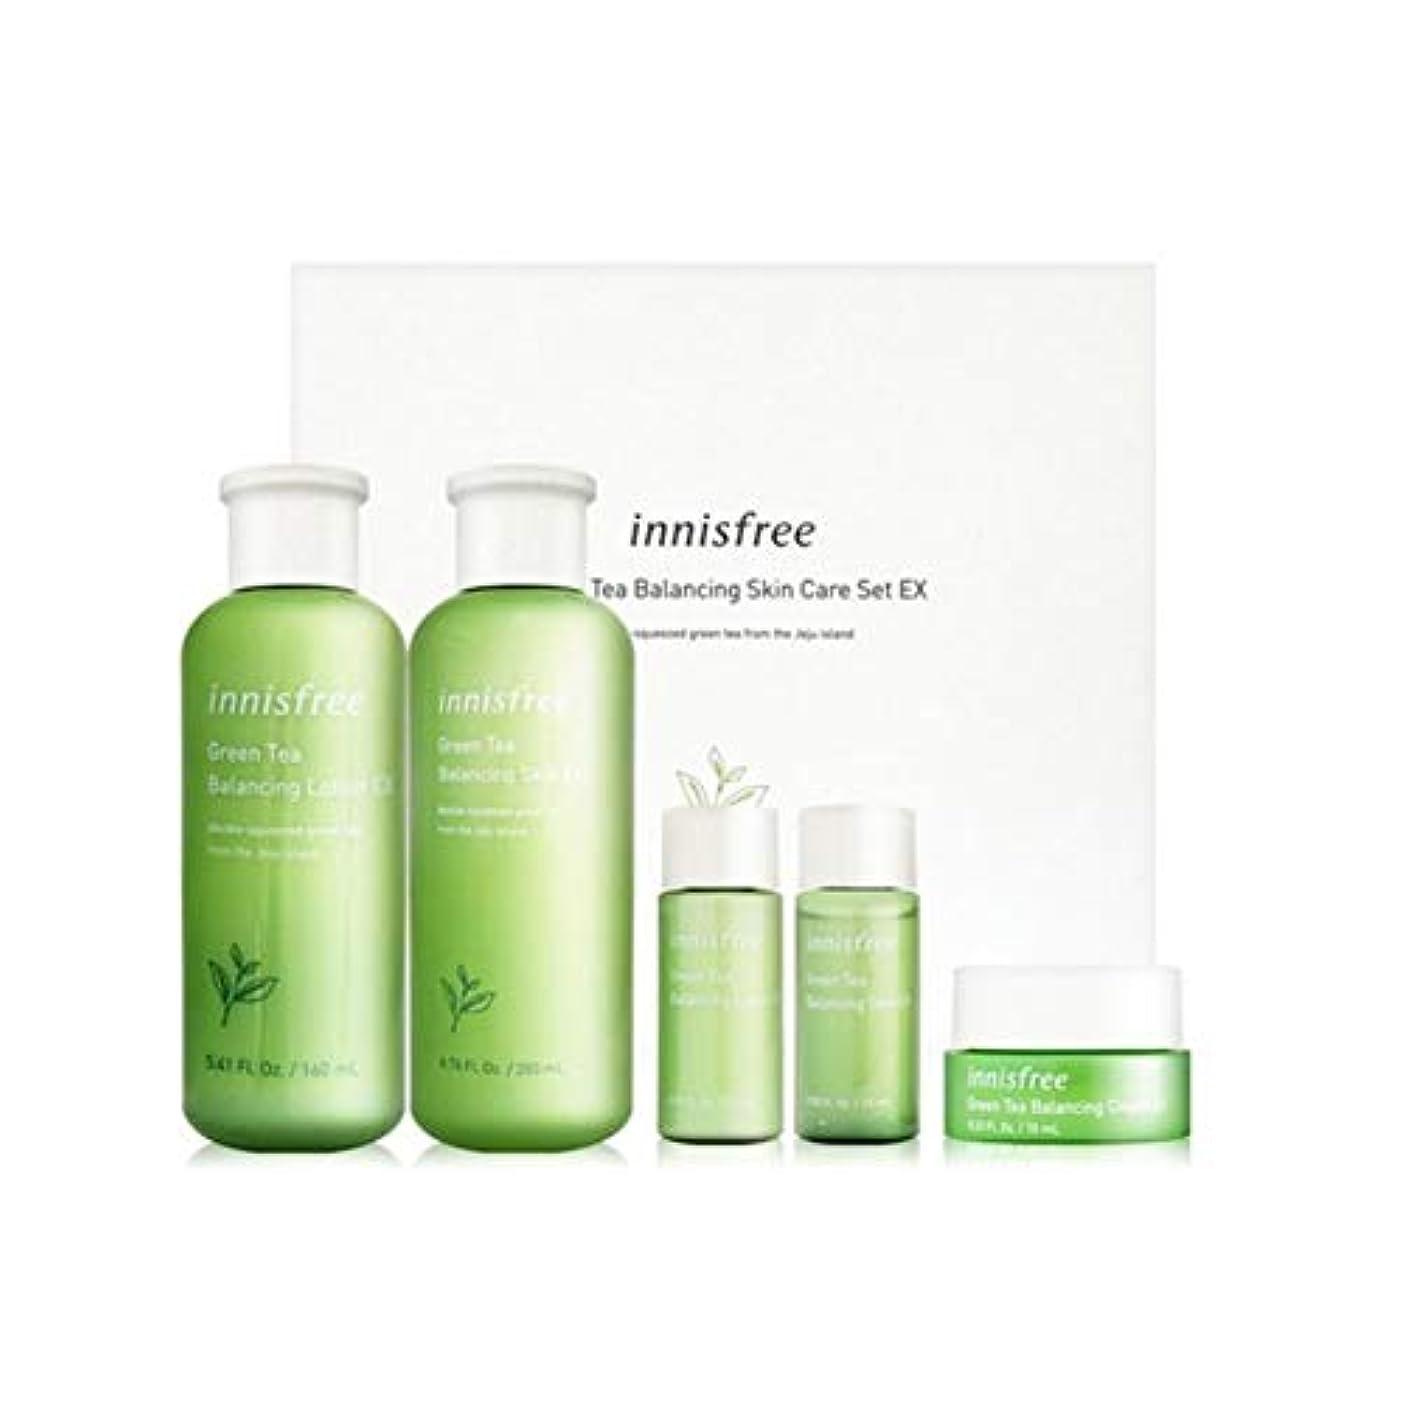 広告主揃える名誉あるイニスフリーグリーンティーバランシングスキンケアセットの水分ケア韓国コスメ、innisfree Green Tea Balancing Skin Care Set Korean Cosmetics [並行輸入品]